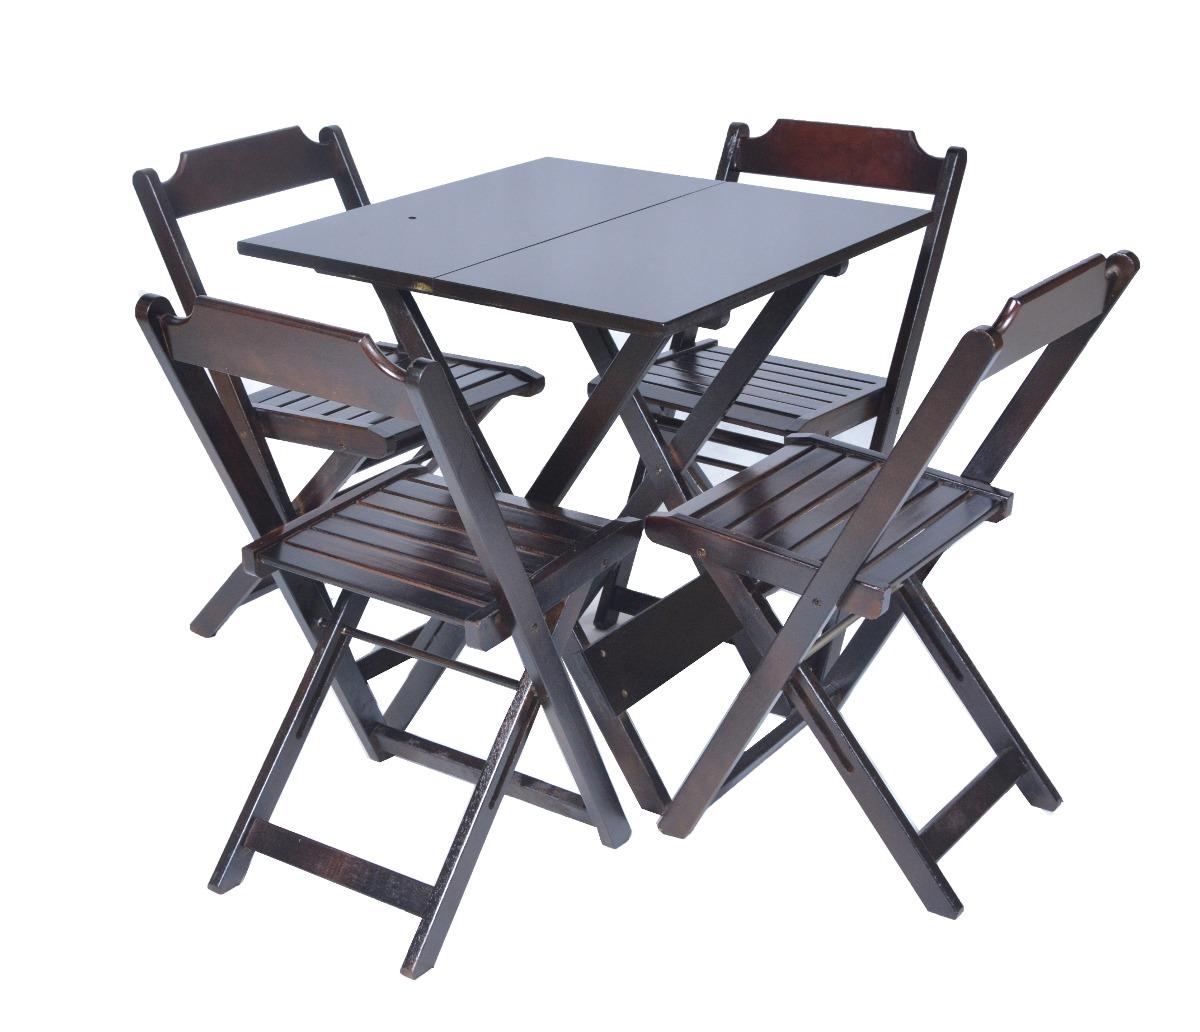 Jogos De Mesas Bar 70x70 C 4 Cadeiras Em Madeira